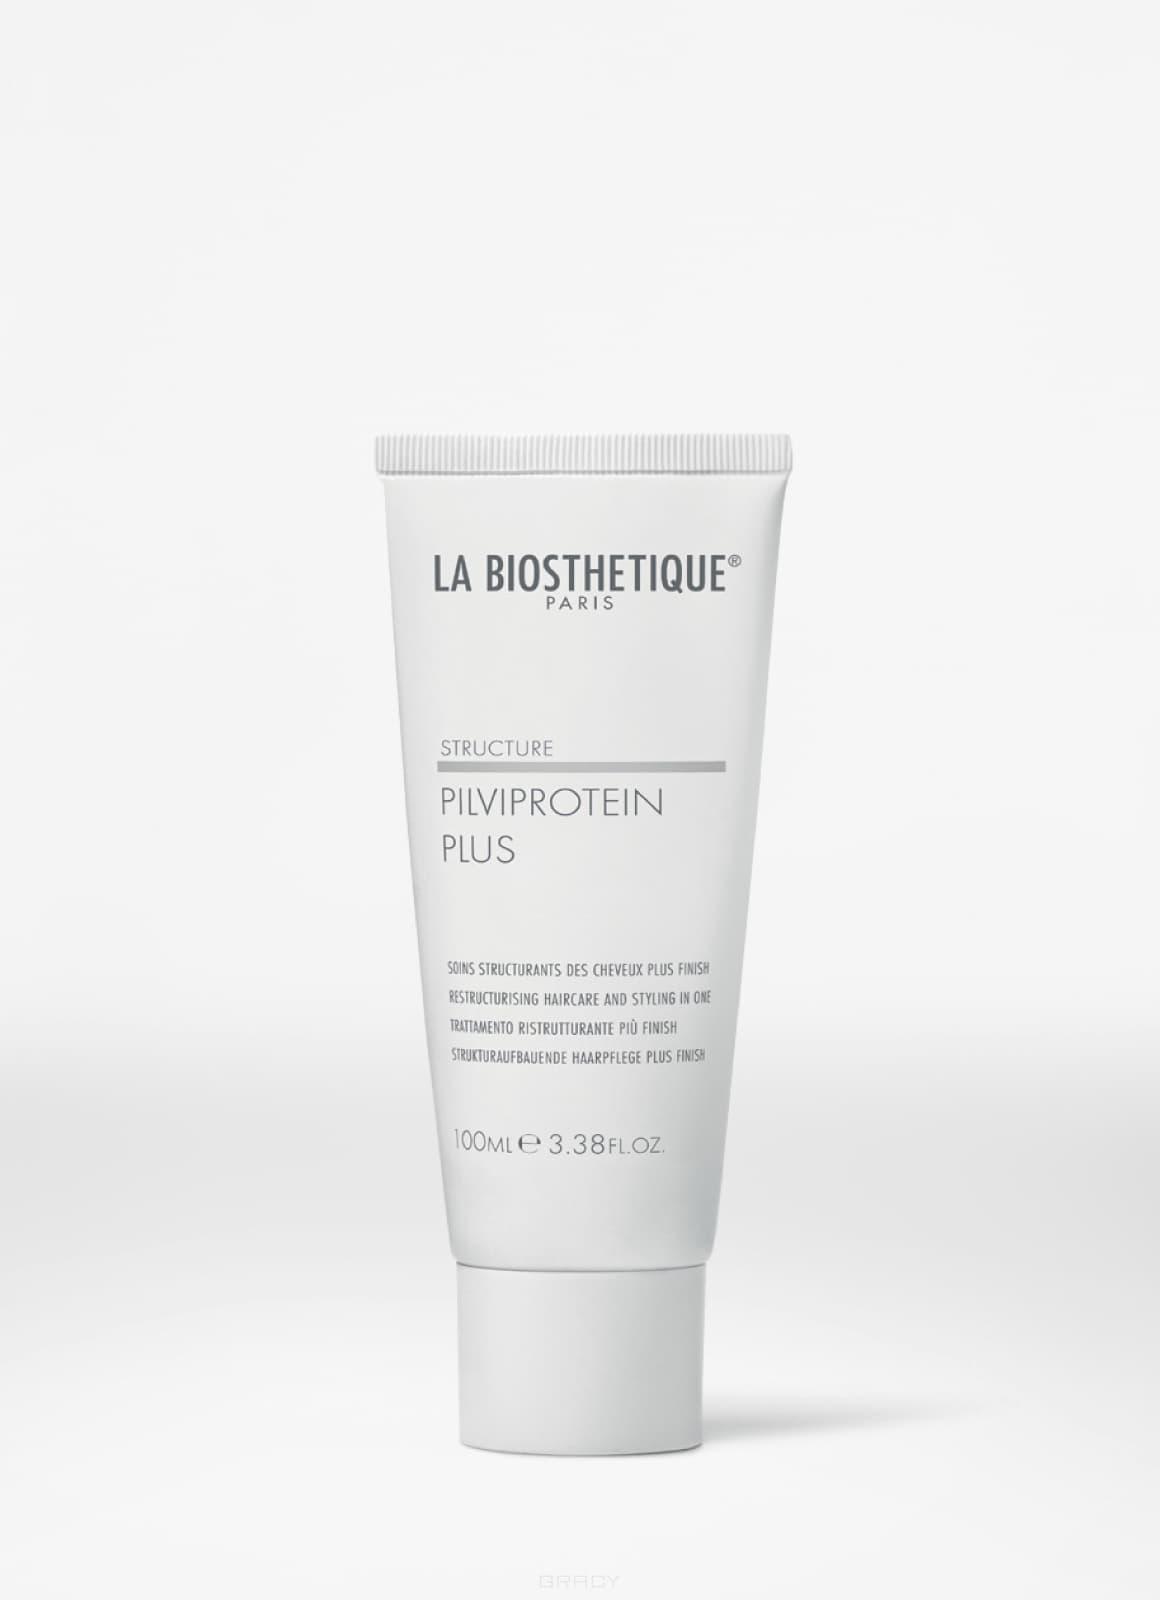 La Biosthetique Гель-уход для поврежденных волос с эффектом стайлинга Structure Pilviprotein Plus, 100 мл